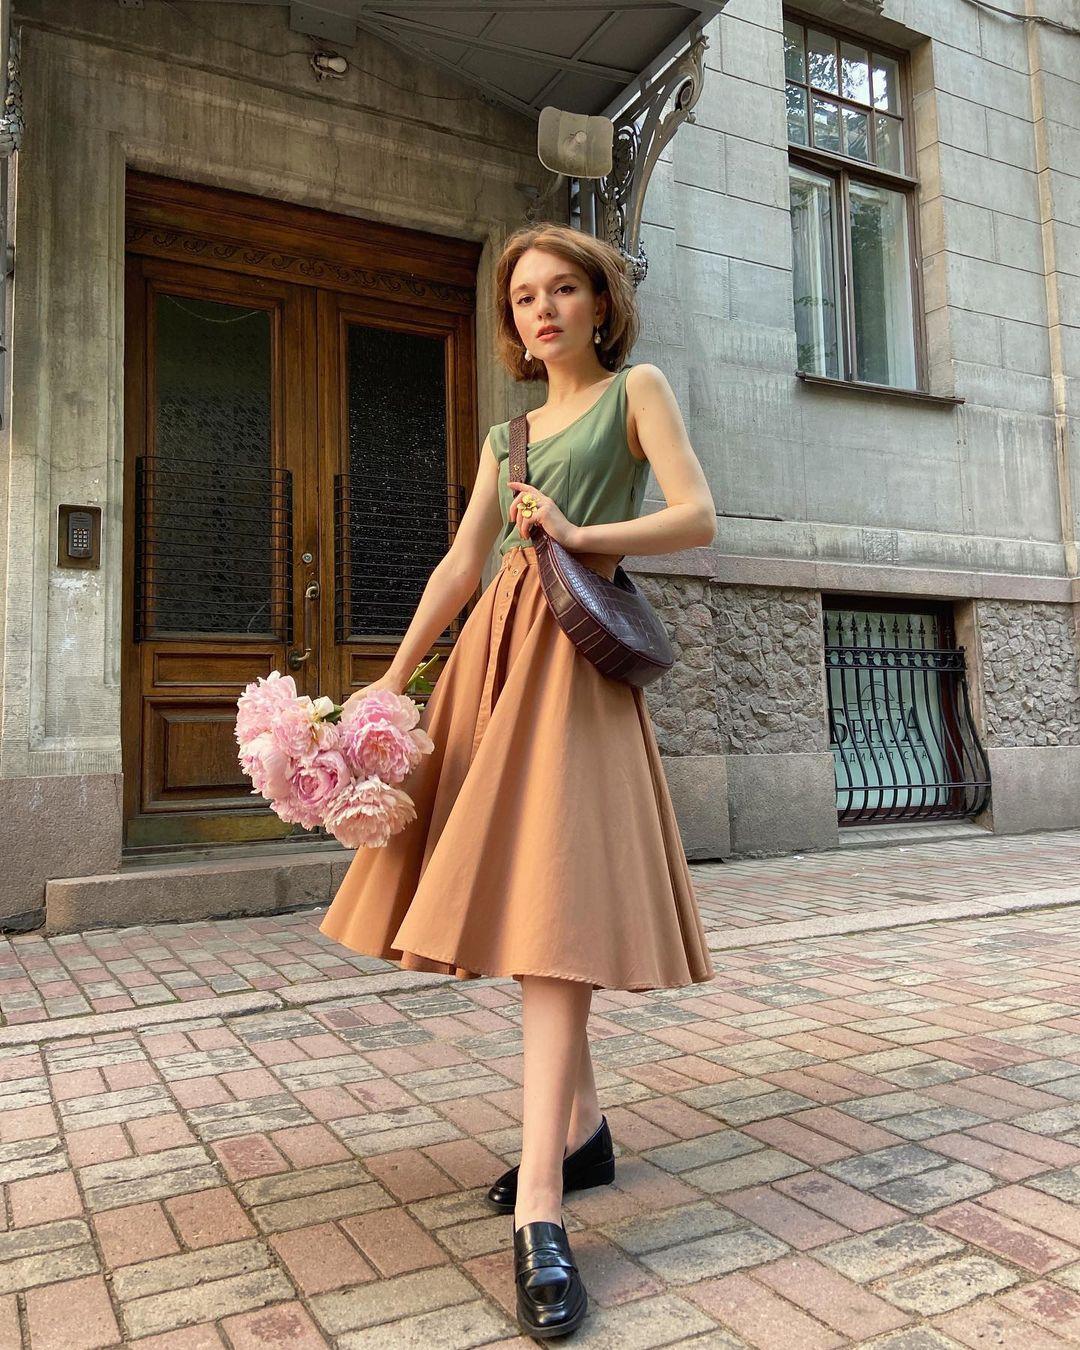 4 tips mặc đẹp tôn dáng từ cô nàng người Nga cao 1m50: Chỉ cần vài món chủ chốt là đủ cân hết các style - Ảnh 2